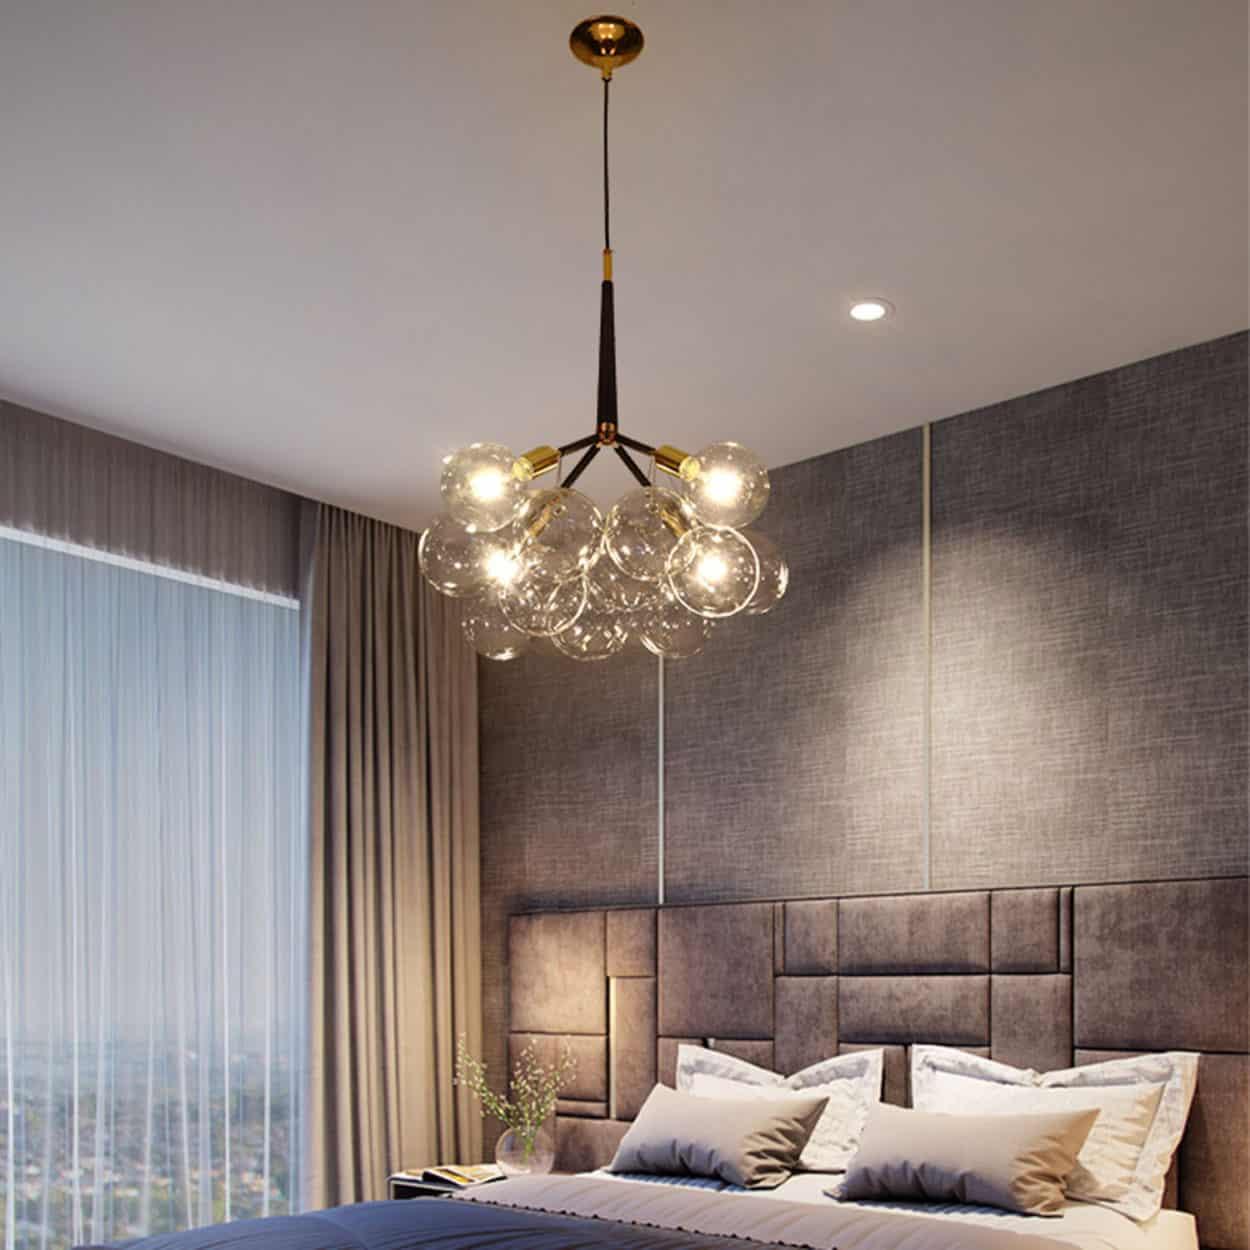 Doorana modern glass balls bubble chandelier lamp bedroom